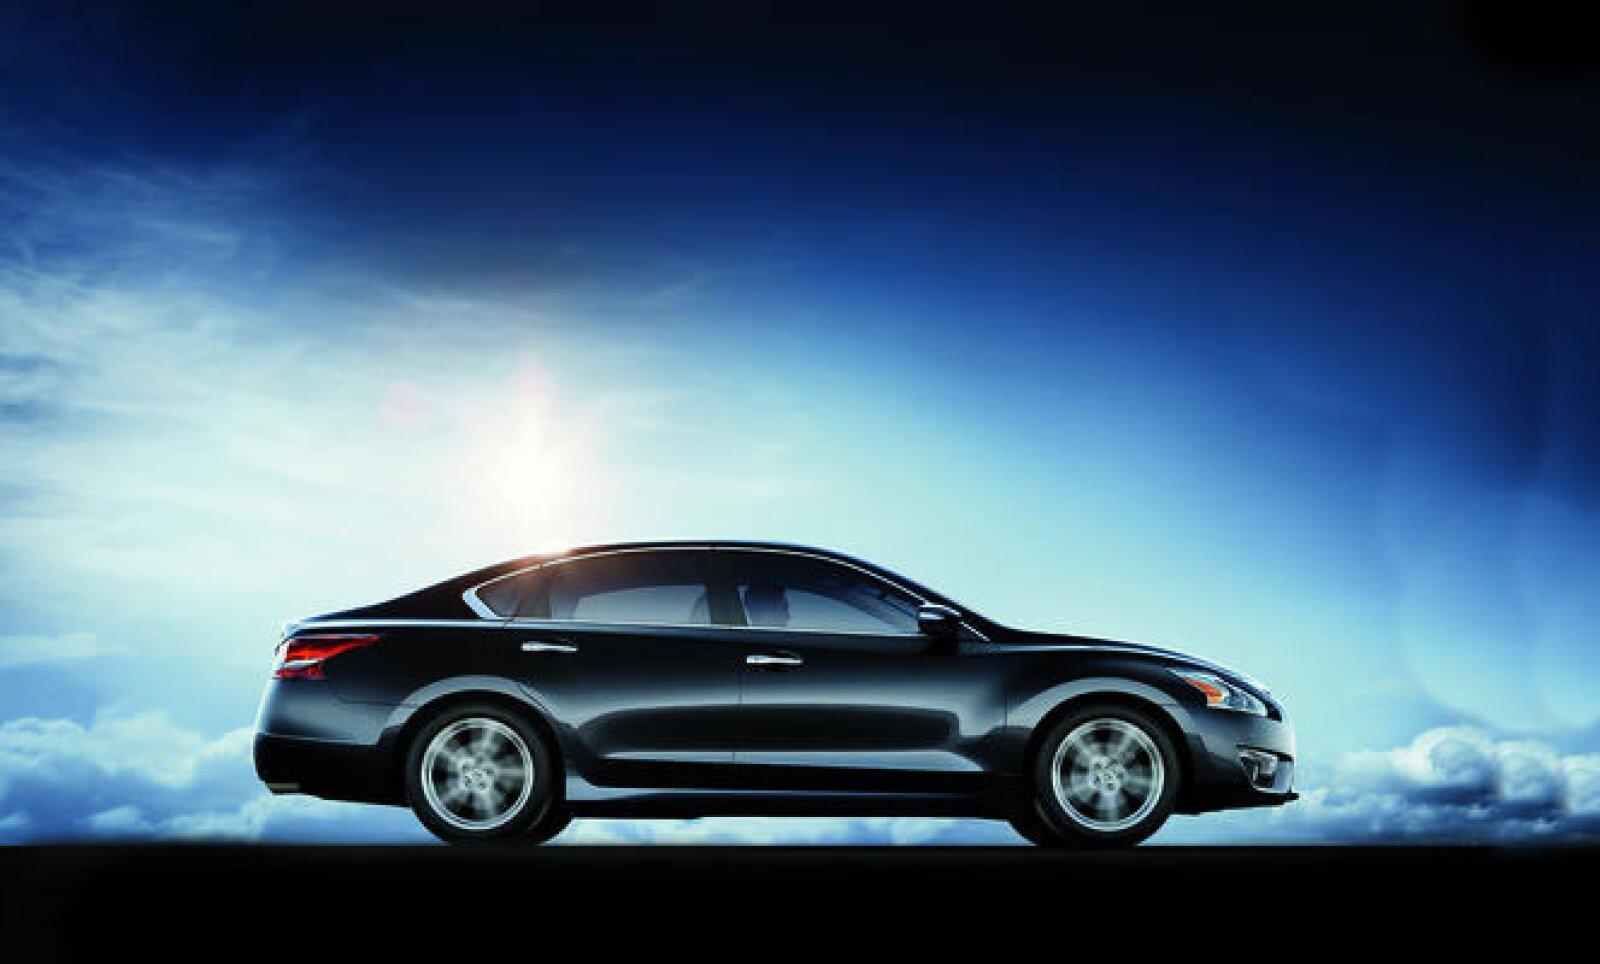 La marca japonesa, Nissan presentó el nuevo Nissan Altima 2013 que espera superar en ventas al Camry, el más vendido en su segmento, dentro de Estados Unidos.